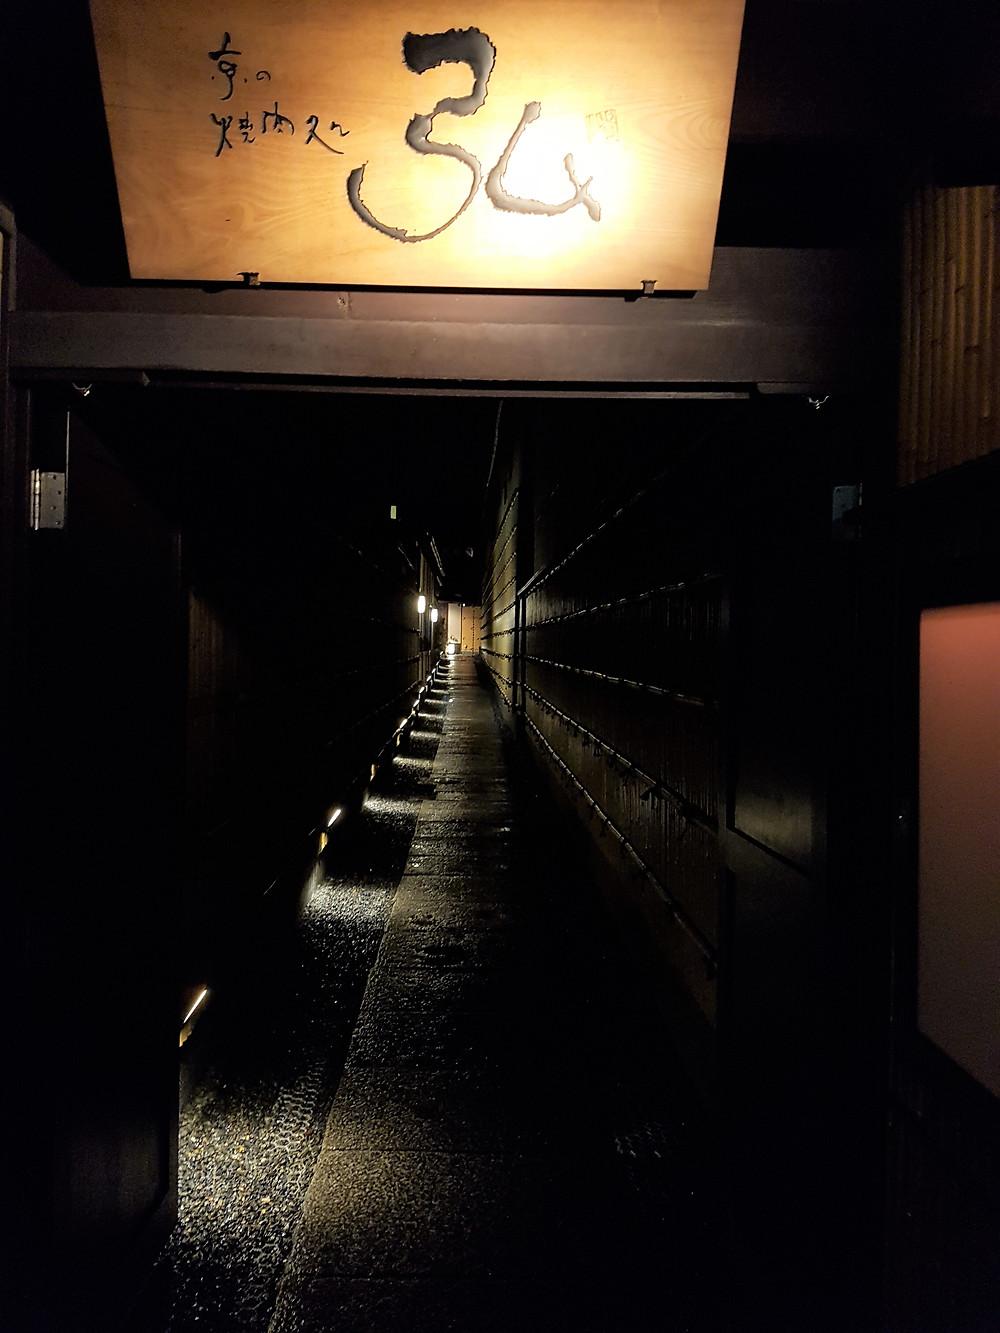 Eingang zum Restaurant Kyoto Yakiniku (BBQ) HIRO Kiyamachi